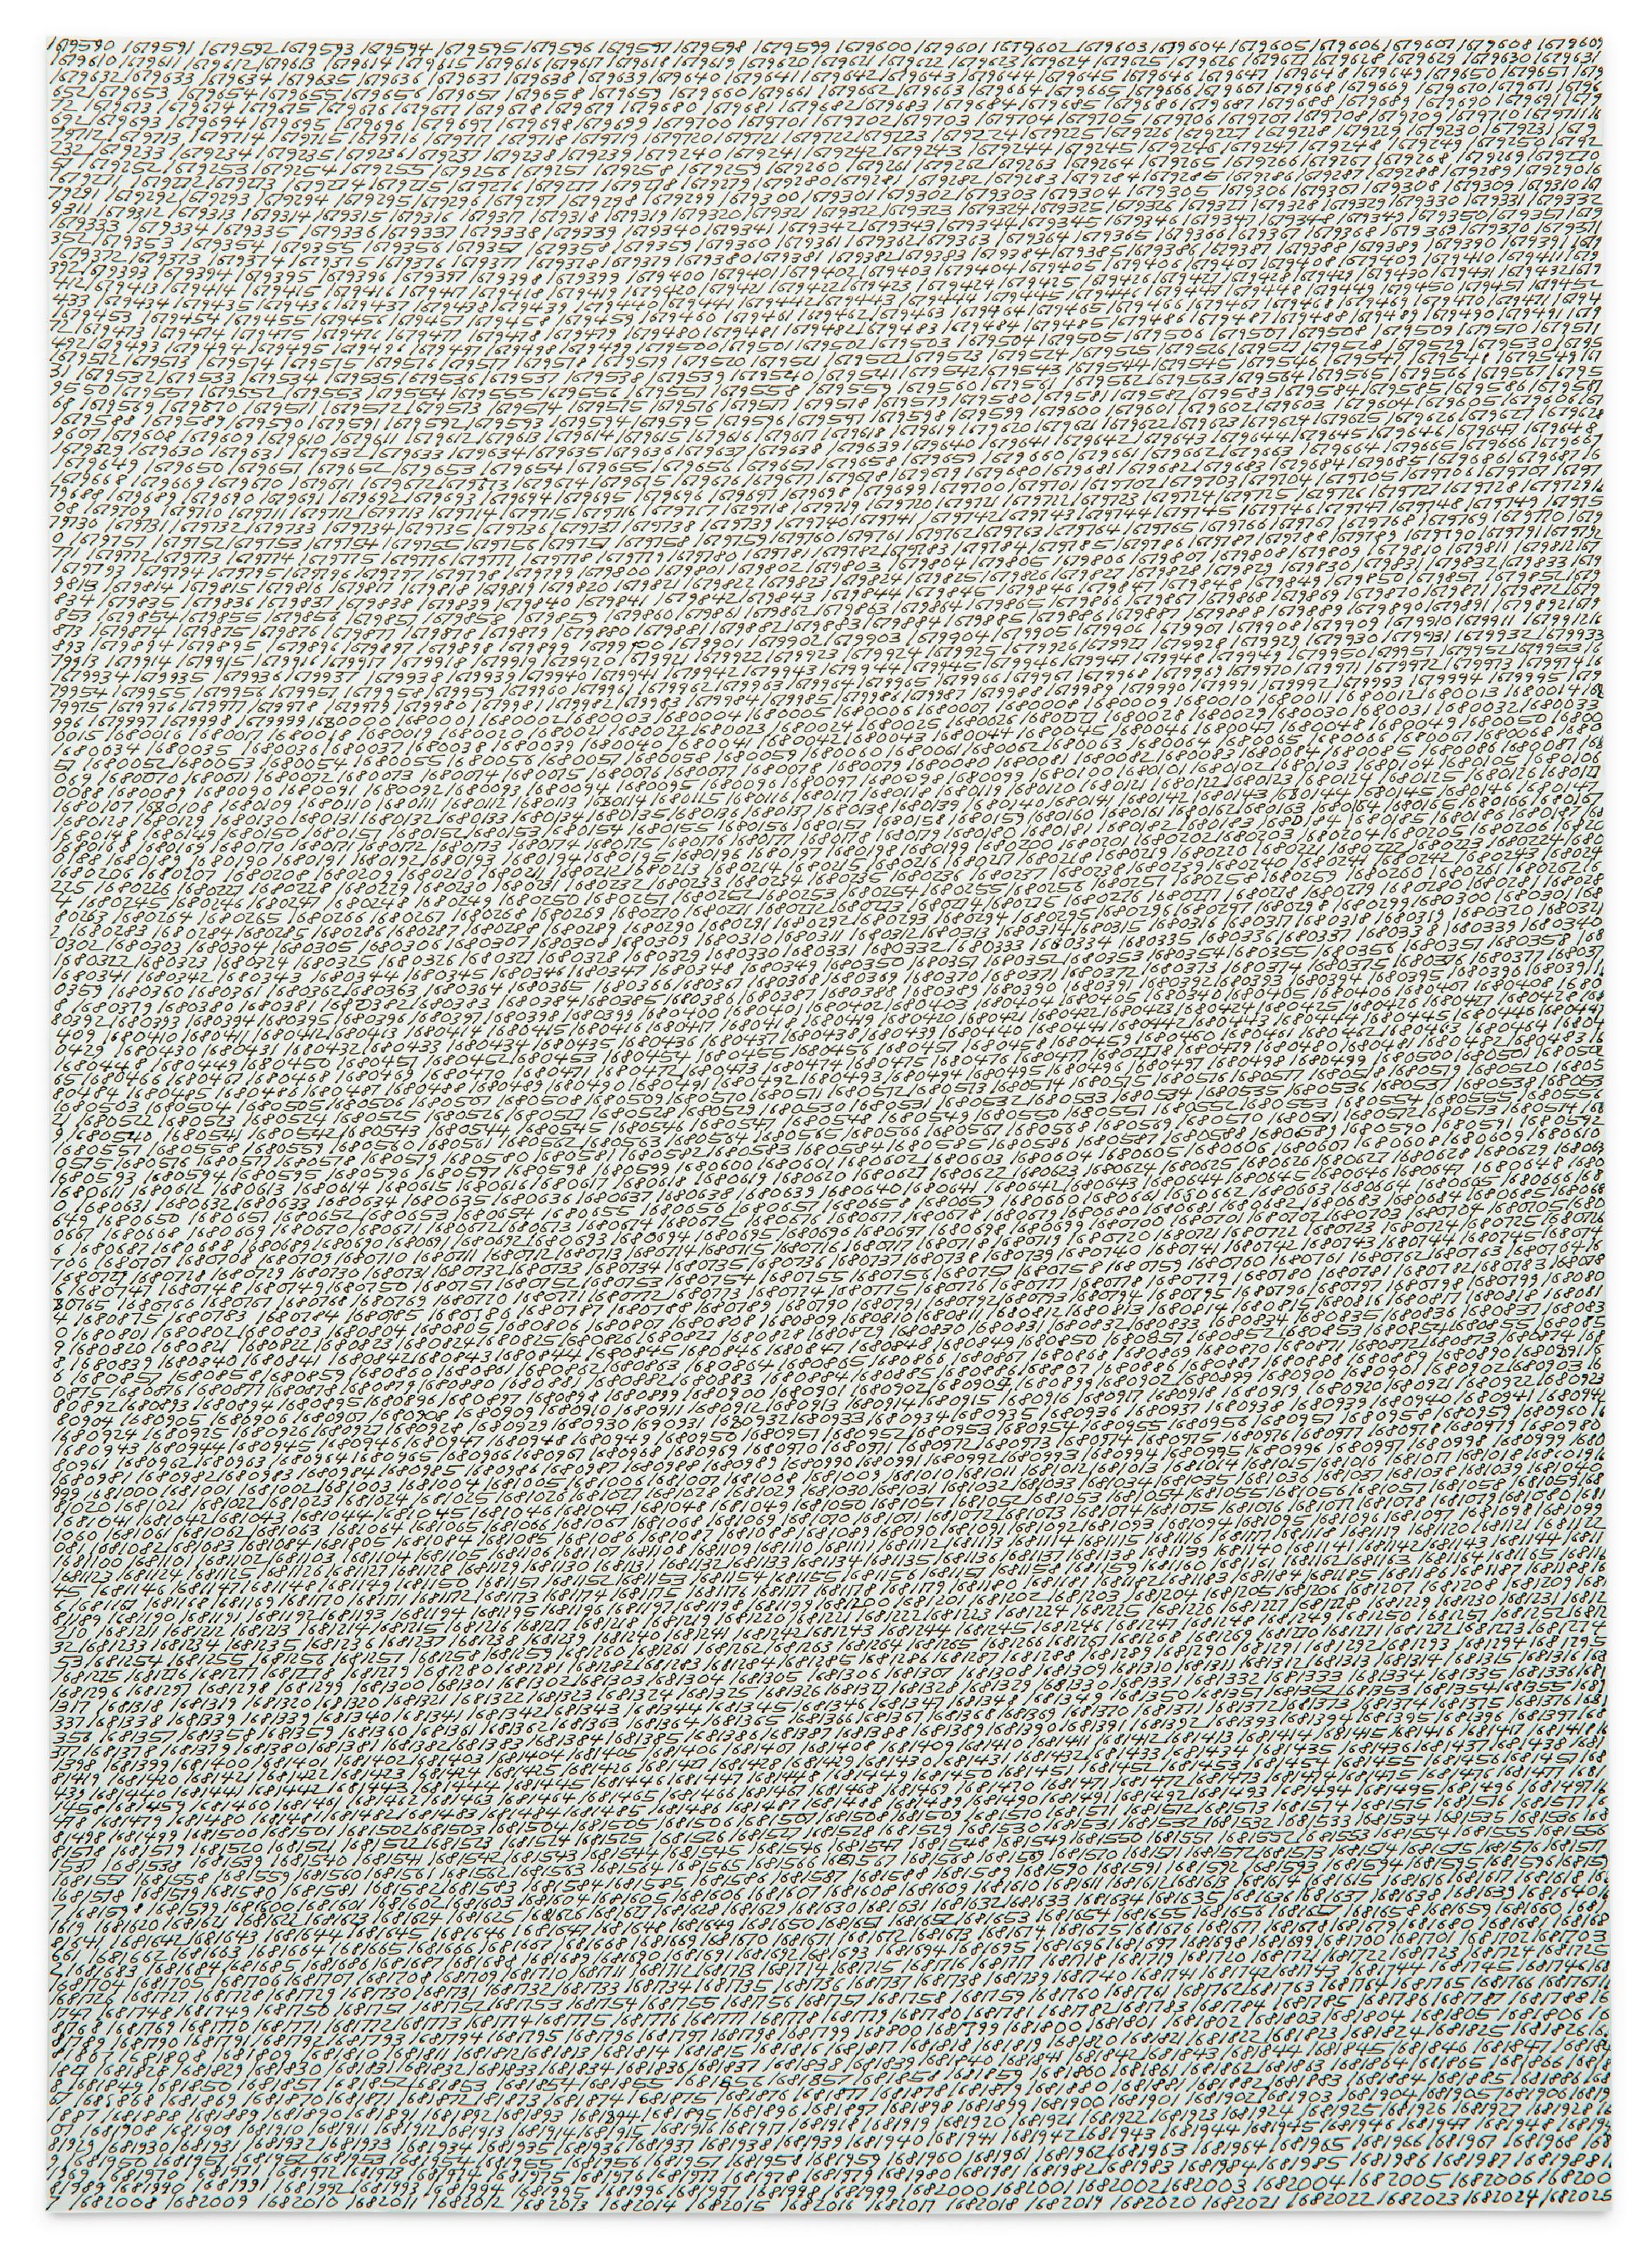 1965/1 - 8 Détail - Carte de voyage 1679590-1682025 26